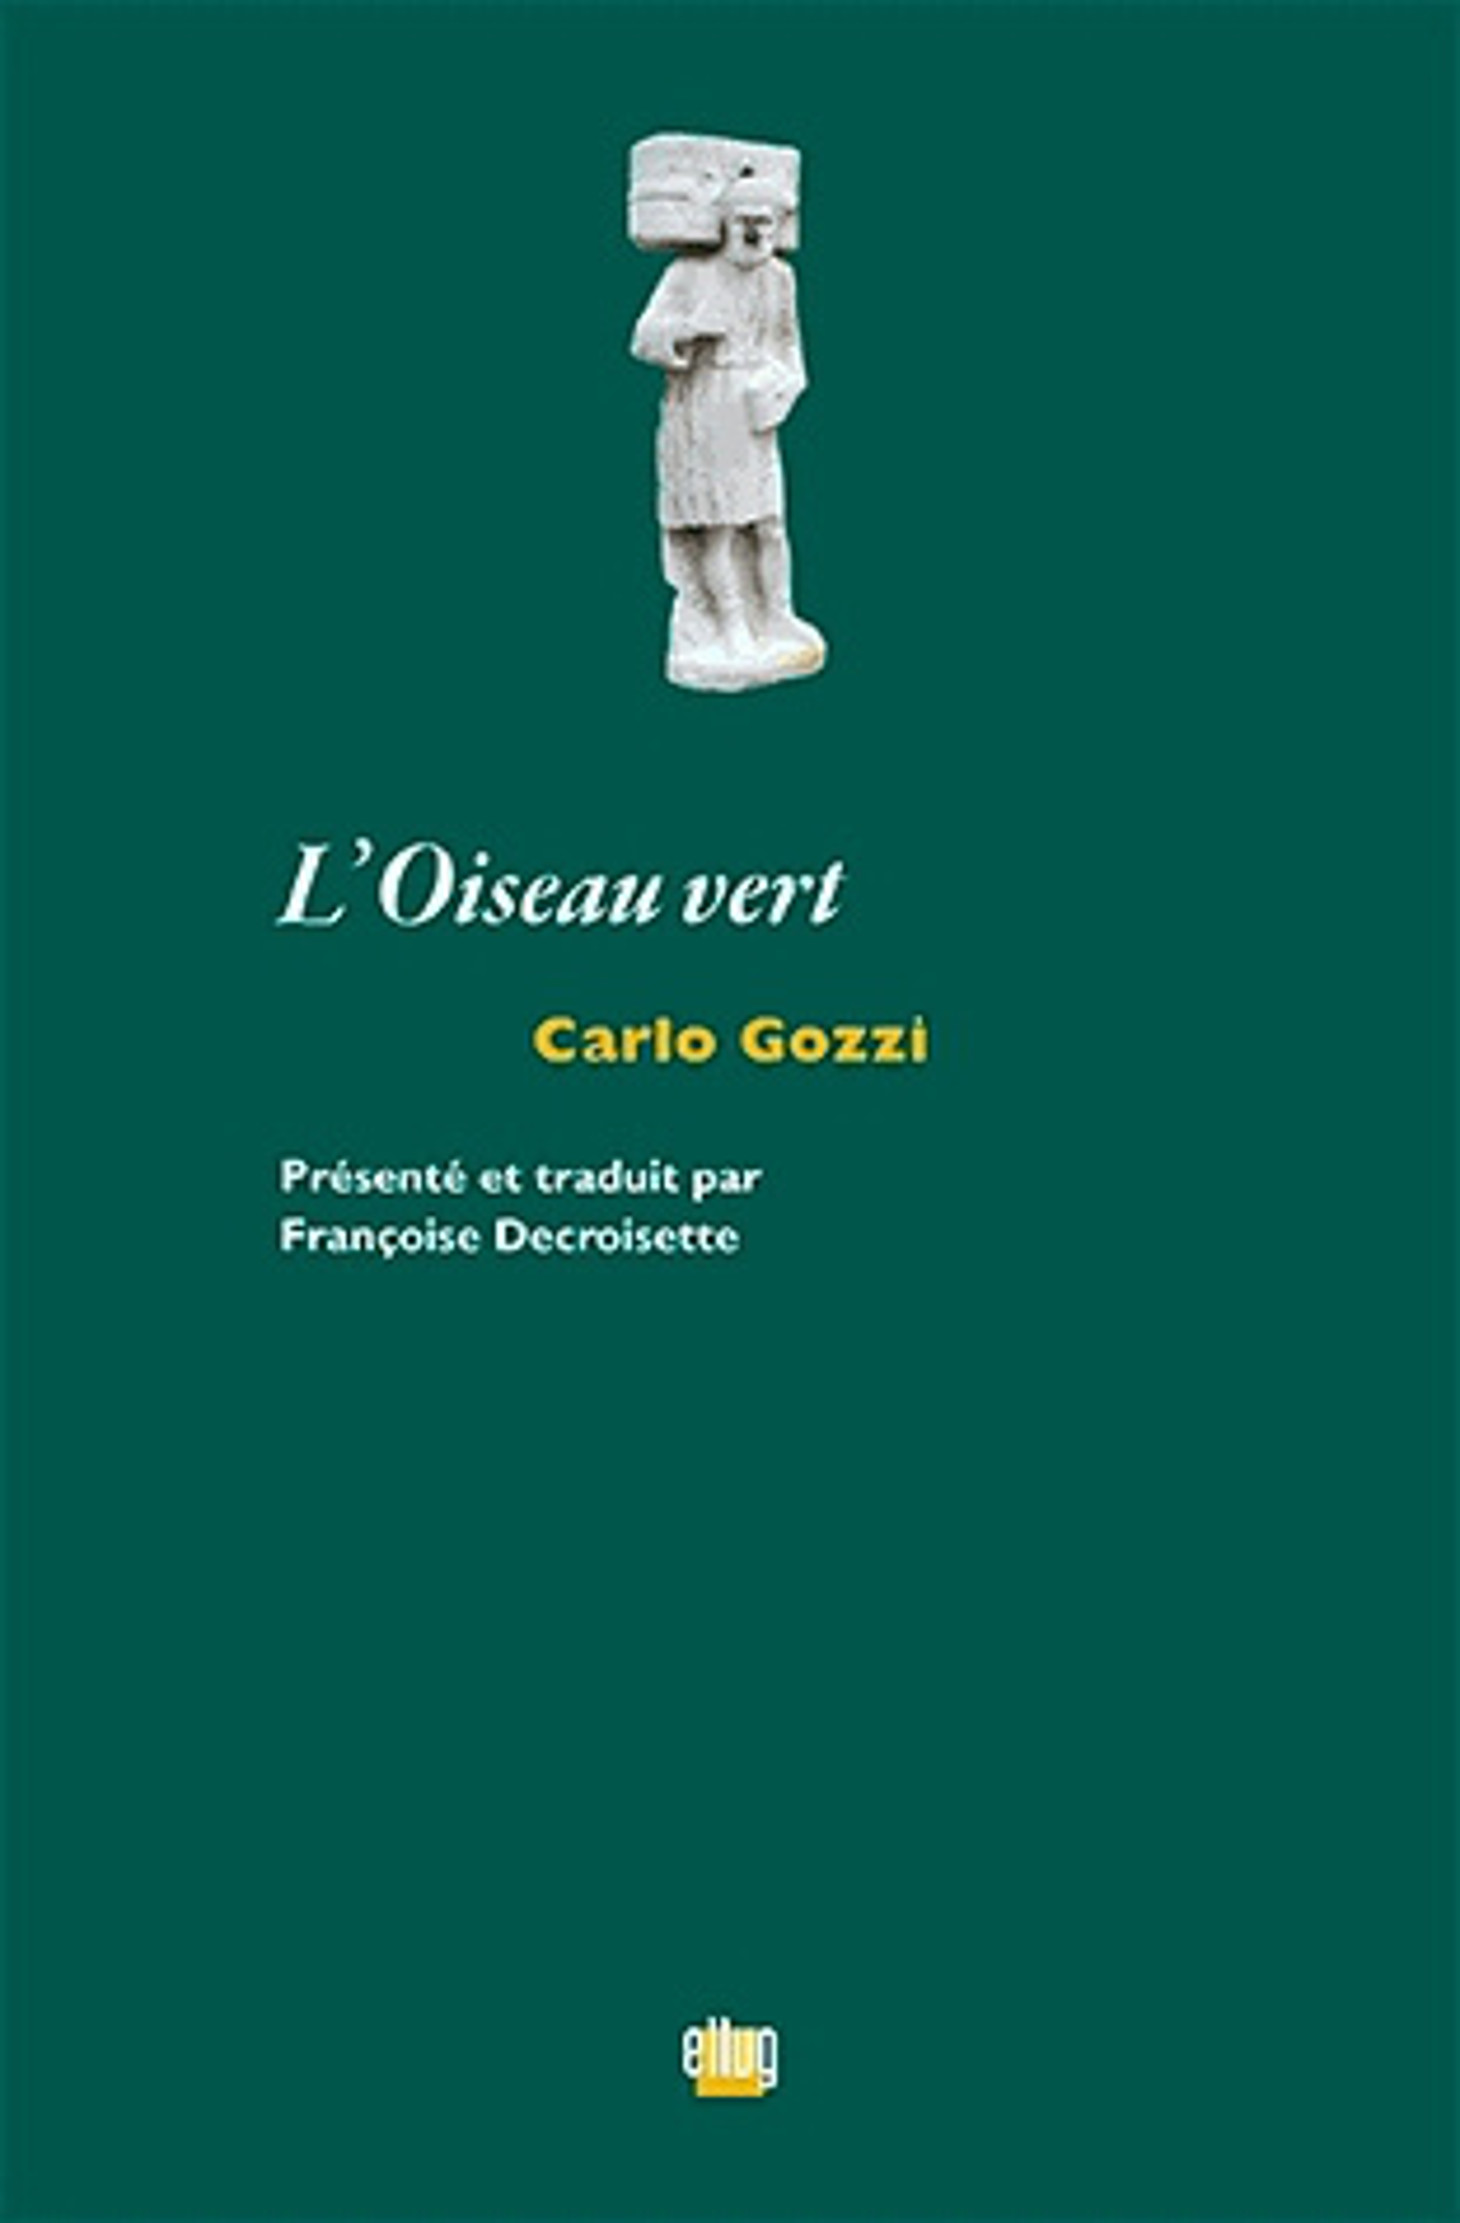 Couverture L'Oiseau vert de Carlo Gozzi